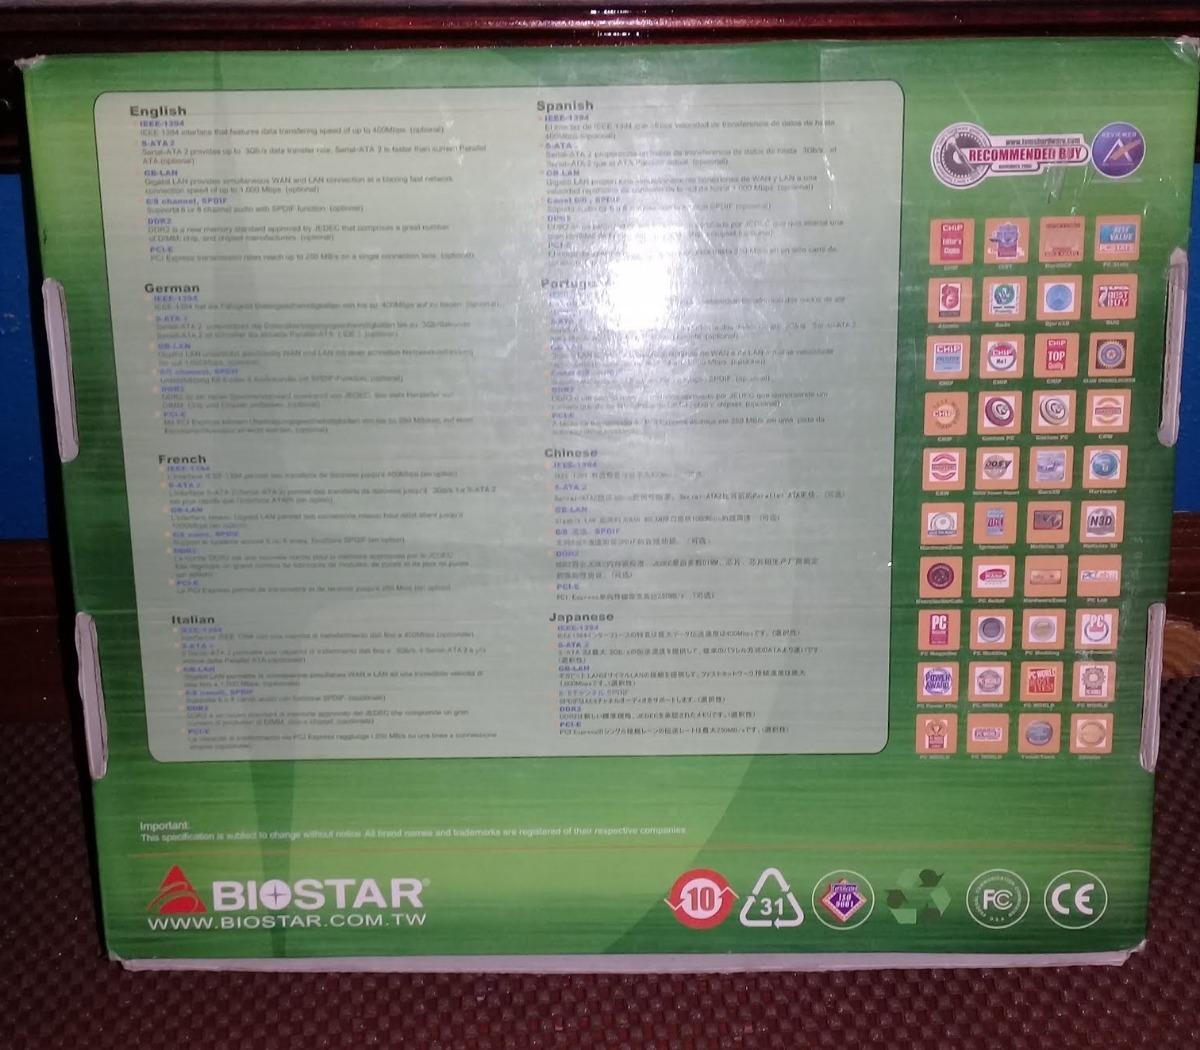 Biostar A780L3L Realtek LAN Windows 8 X64 Driver Download